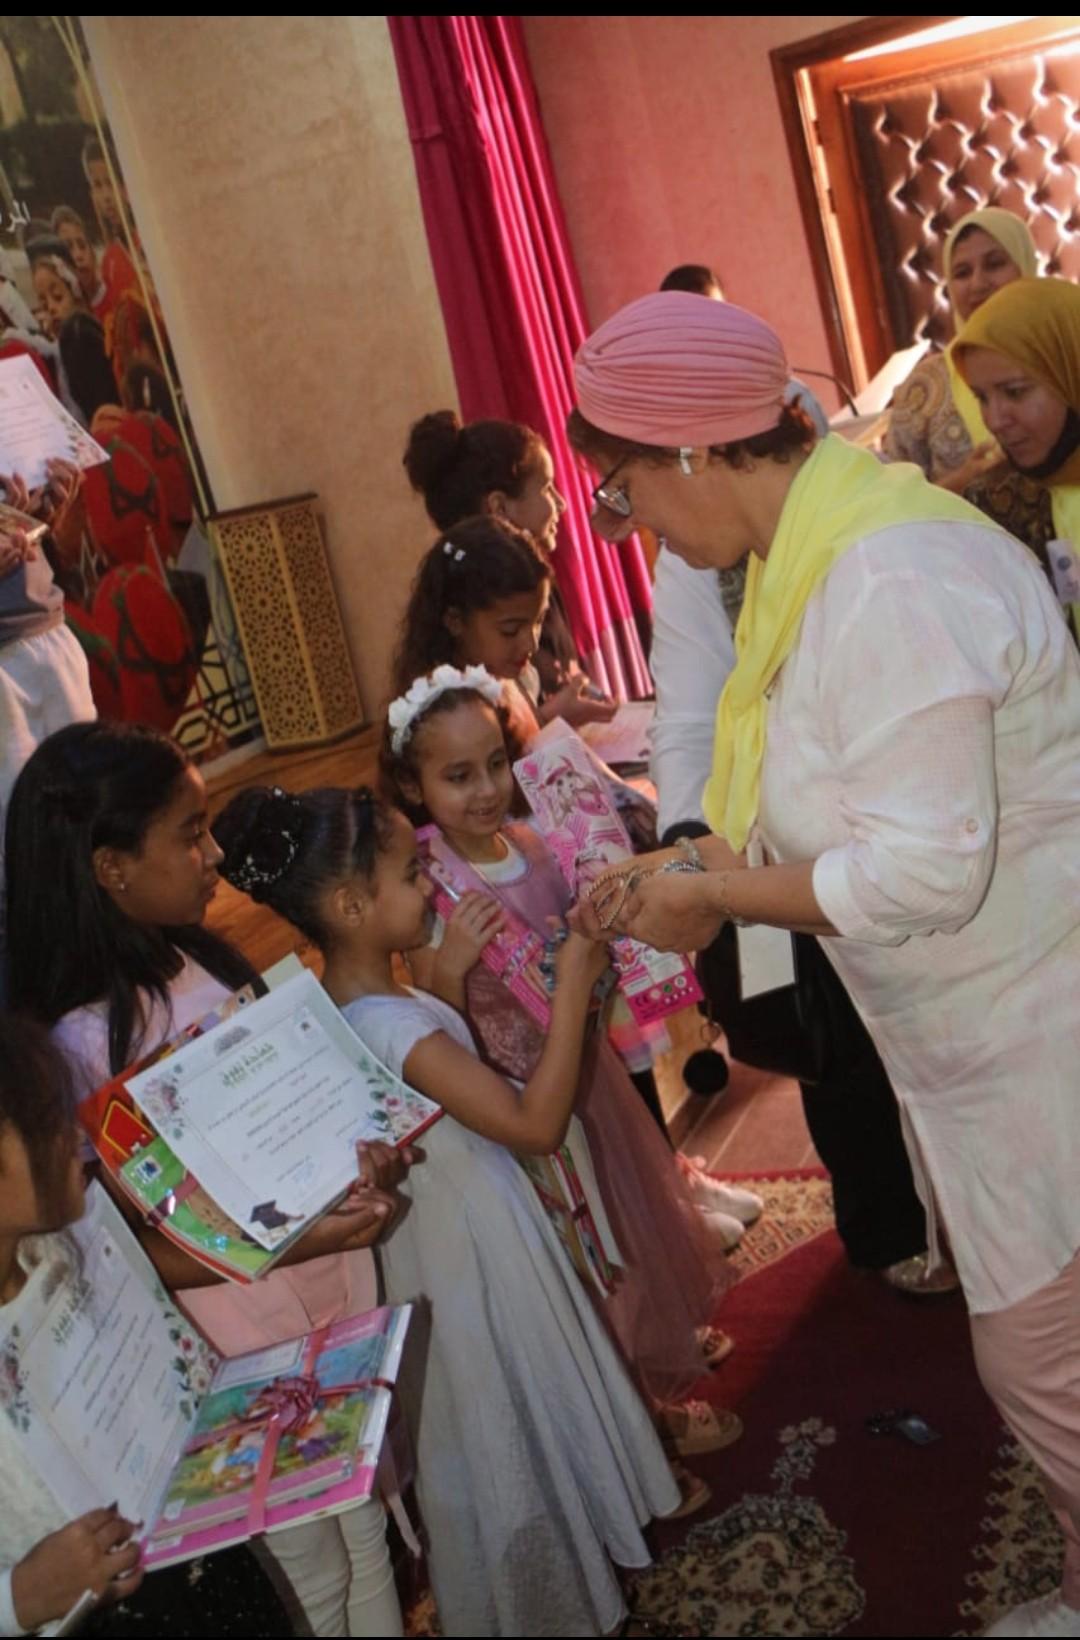 إدارة وجمعية الاباء بمدرسة عرصة باني تحتفي بالمتفوقين من ثلاميذ المؤسسة.